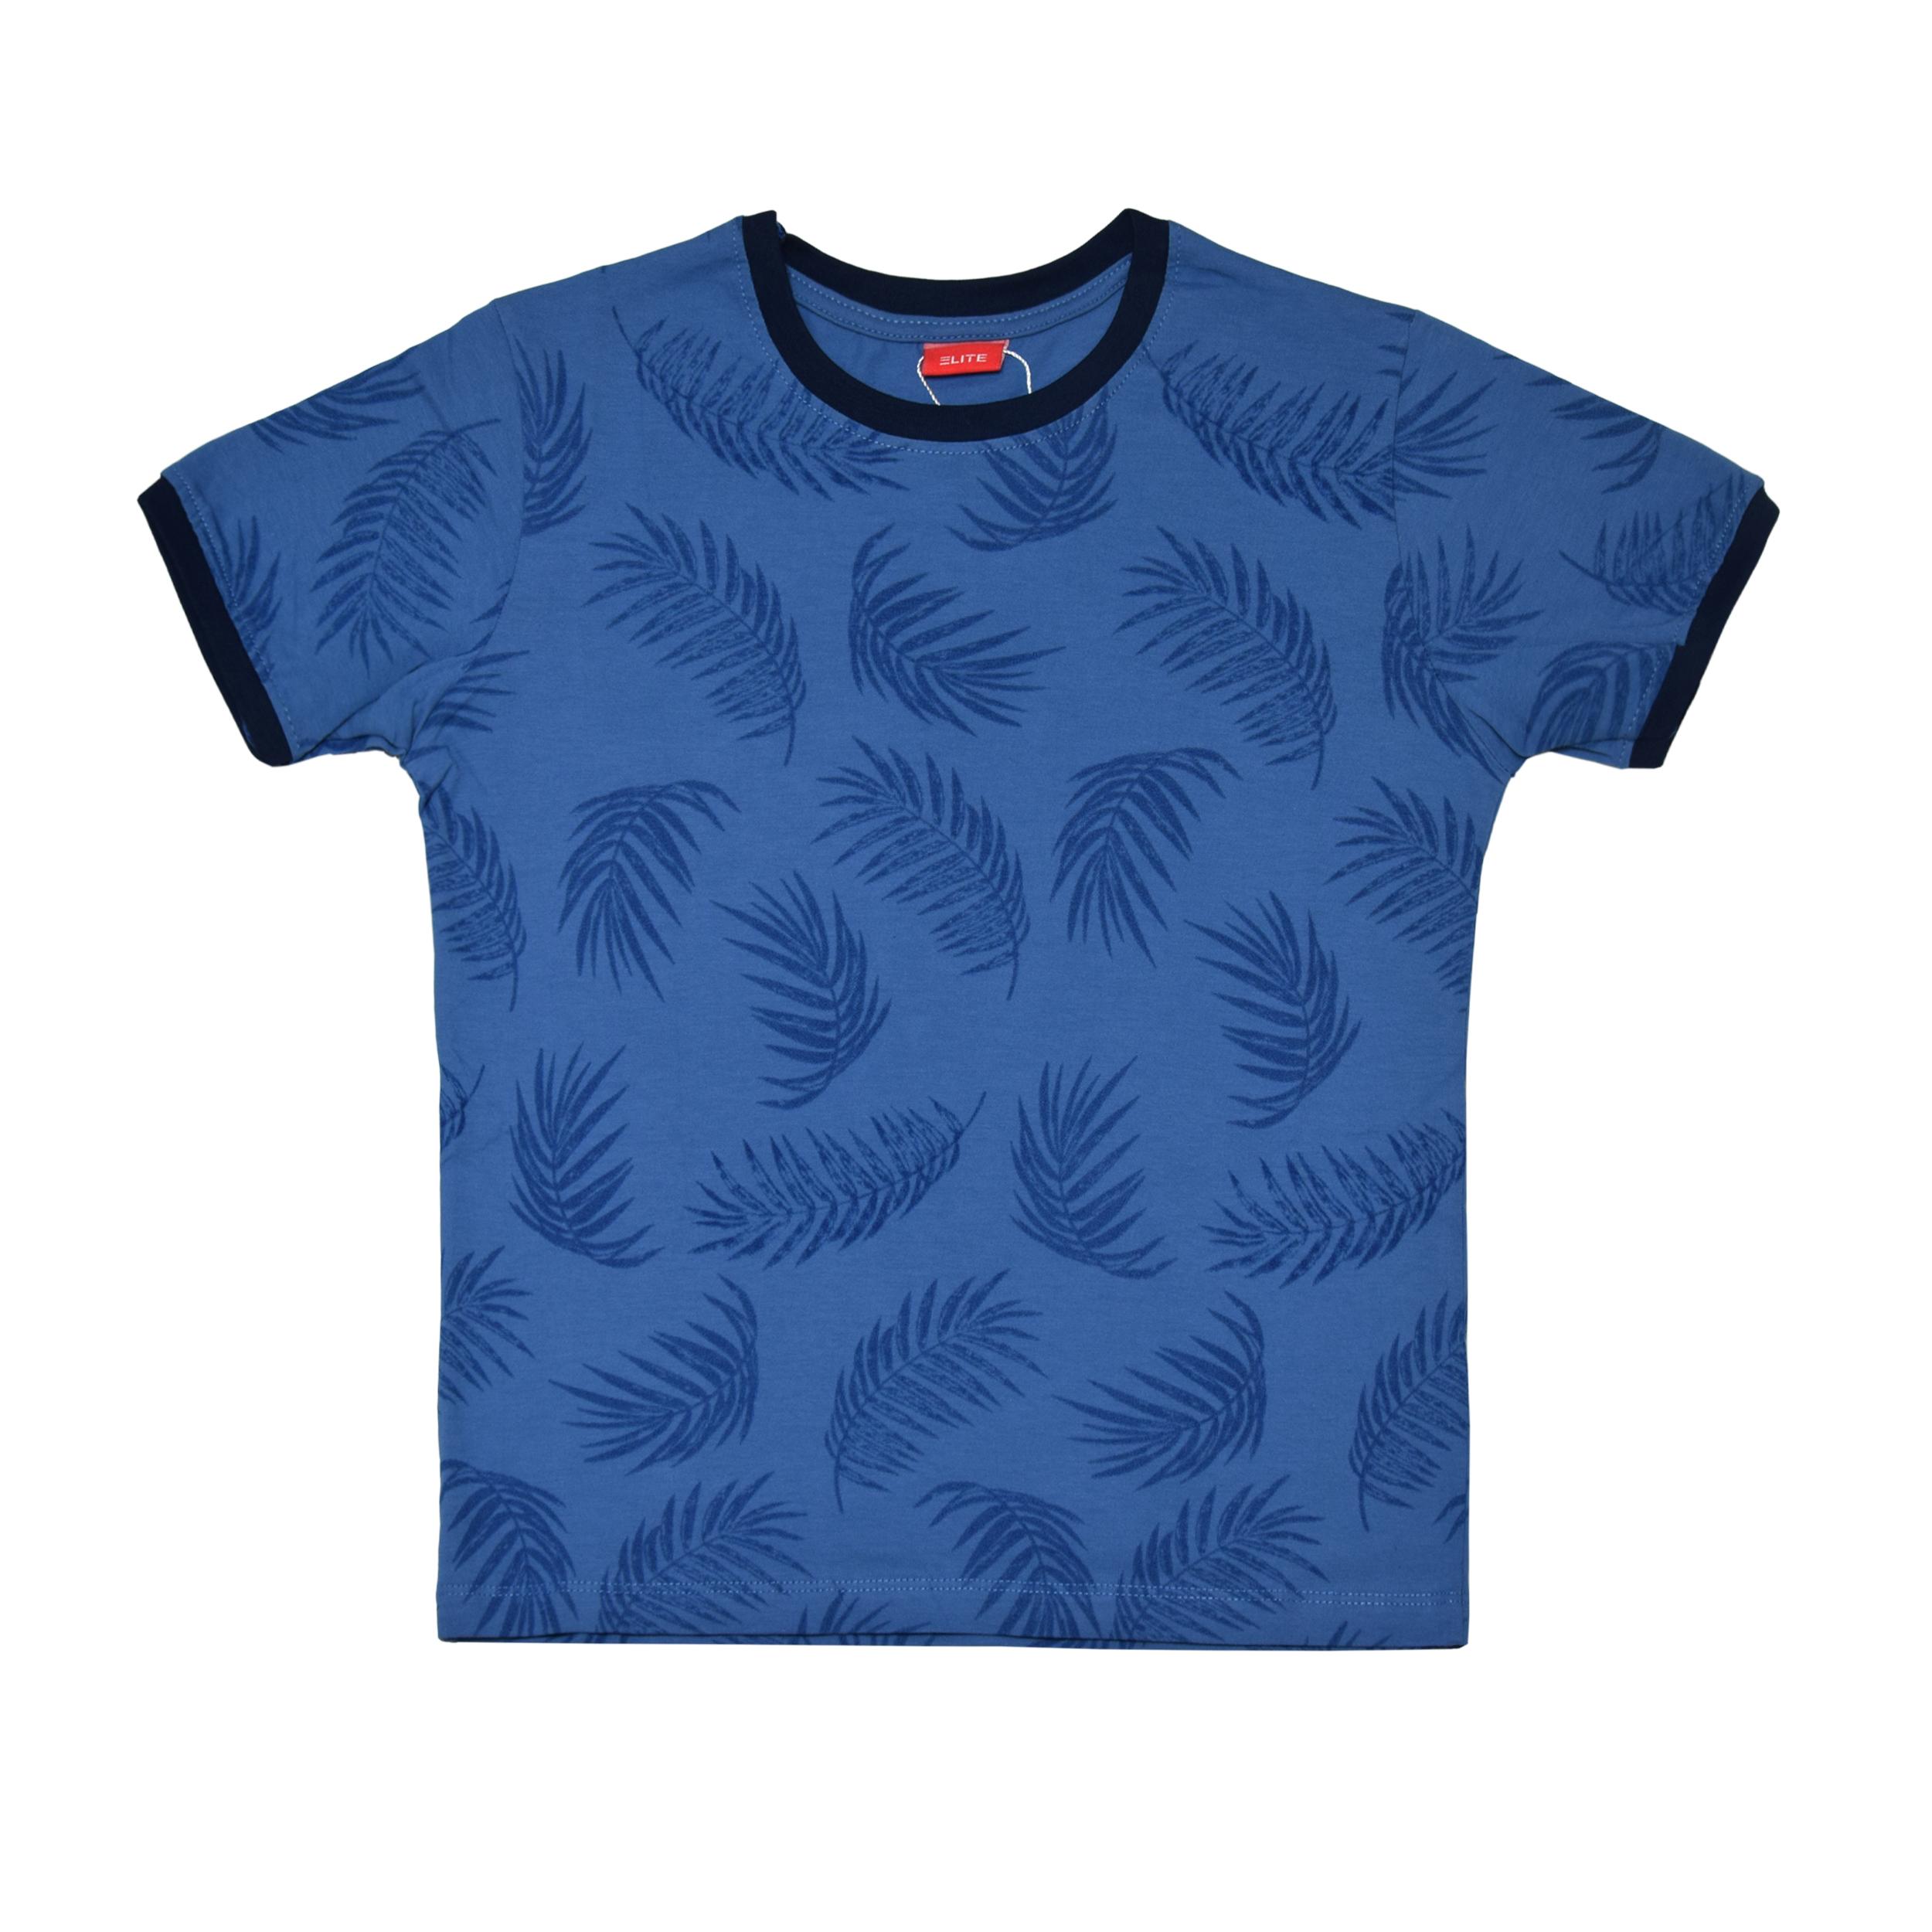 ست تی شرت و شلوارک پسرانه الیت مدل 1-669 -  - 3